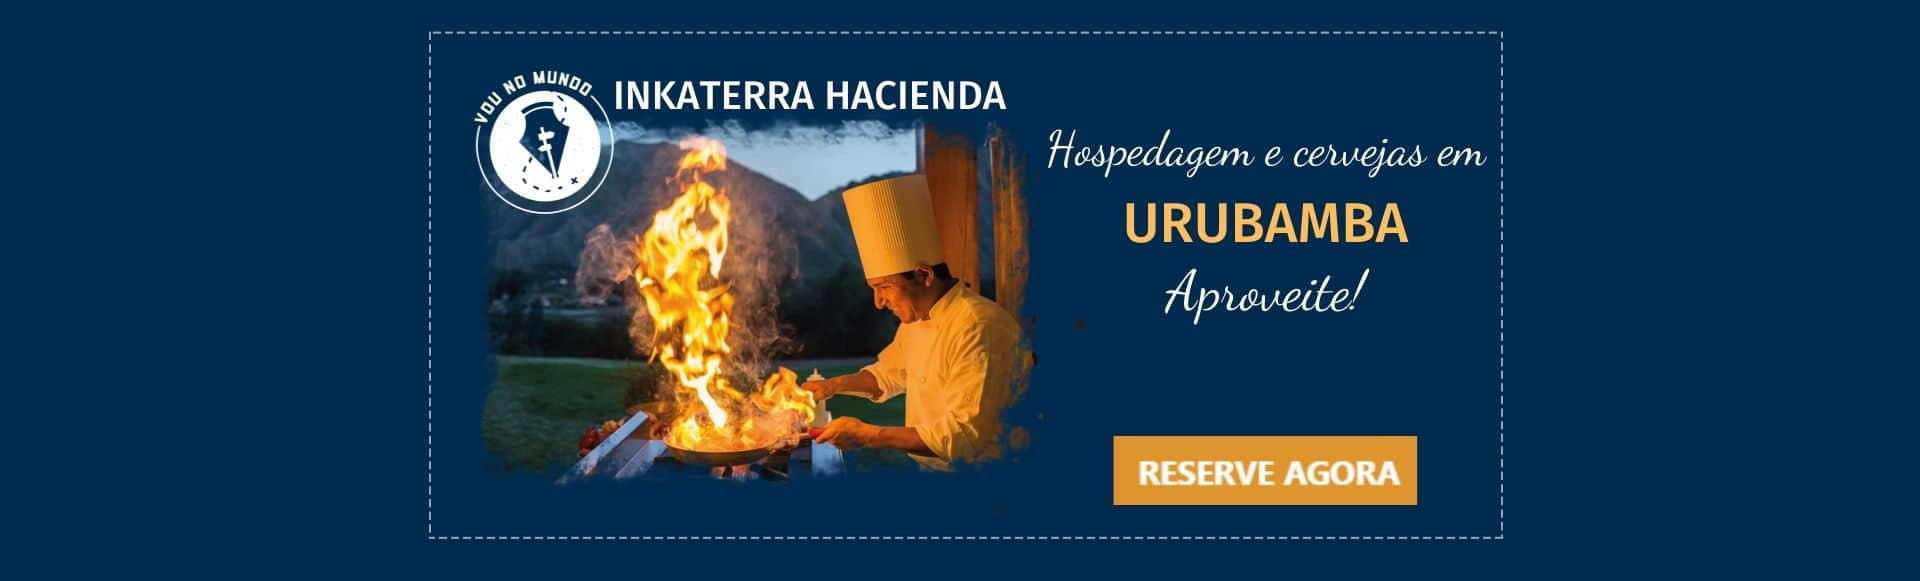 Hotel Inkaterra Hacienda, próximo a Macchu Picchu, em Urubamba, Peru.